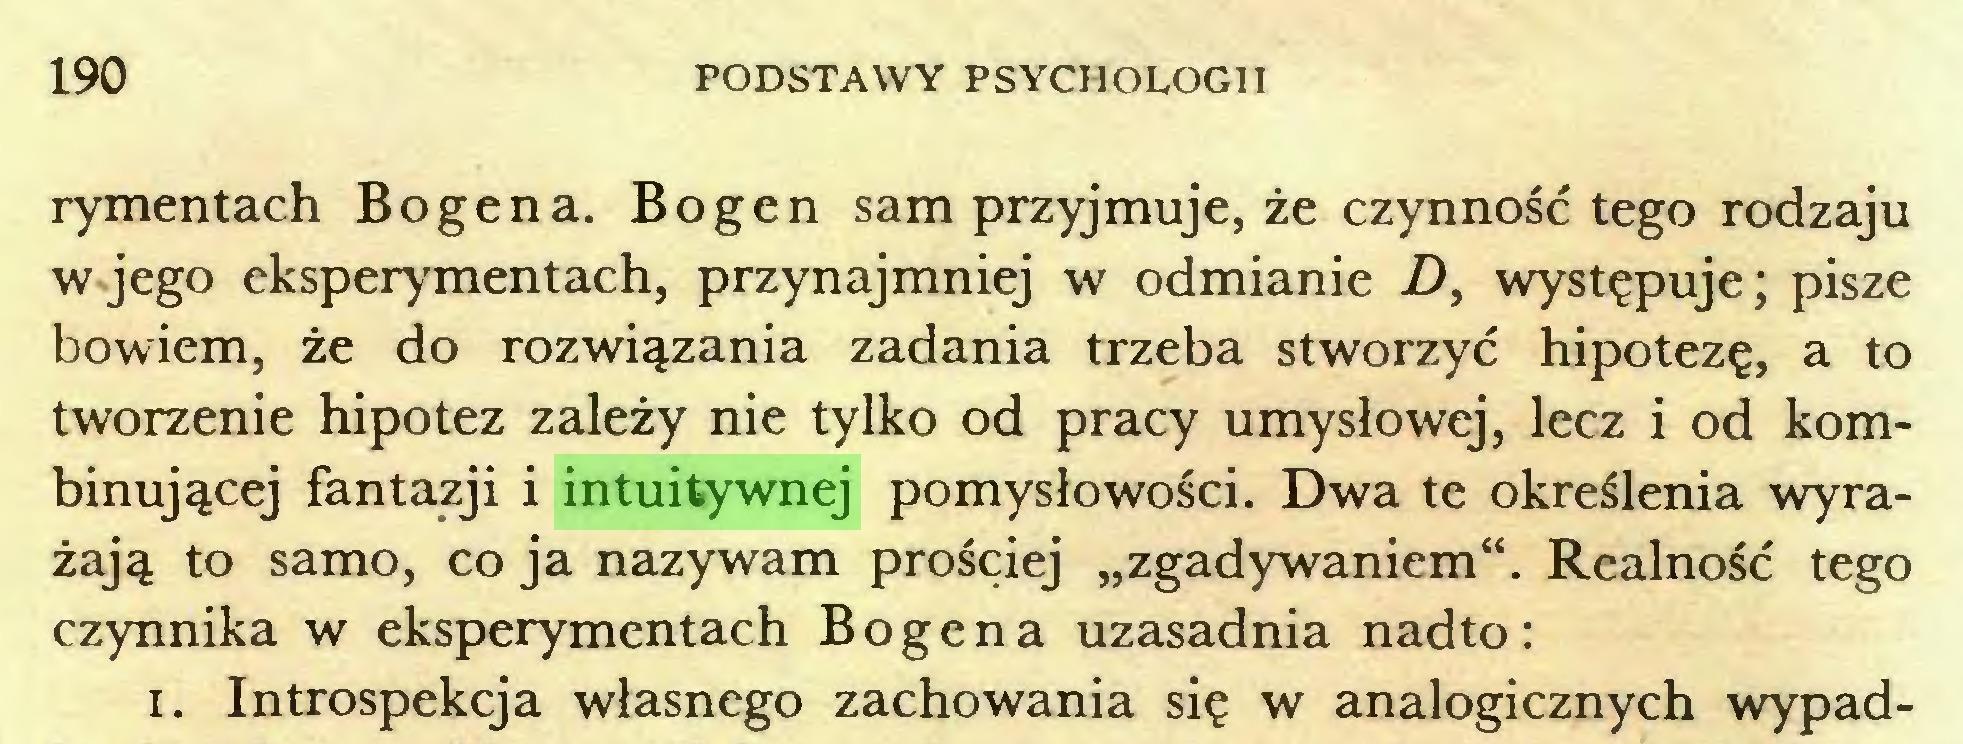 """(...) 190 PODSTAWY PSYCHOLOGII rymentach Bogena. Bogen sam przyjmuje, że czynność tego rodzaju w jego eksperymentach, przynajmniej w odmianie D, występuje; pisze bowiem, że do rozwiązania zadania trzeba stworzyć hipotezę, a to tworzenie hipotez zależy nie tylko od pracy umysłowej, lecz i od kombinującej fantazji i intuitywnej pomysłowości. Dwa te określenia wyrażają to samo, co ja nazywam prościej """"zgadywaniem"""". Realność tego czynnika w eksperymentach Bogena uzasadnia nadto: 1. Introspekcja własnego zachowania się w analogicznych wypad..."""